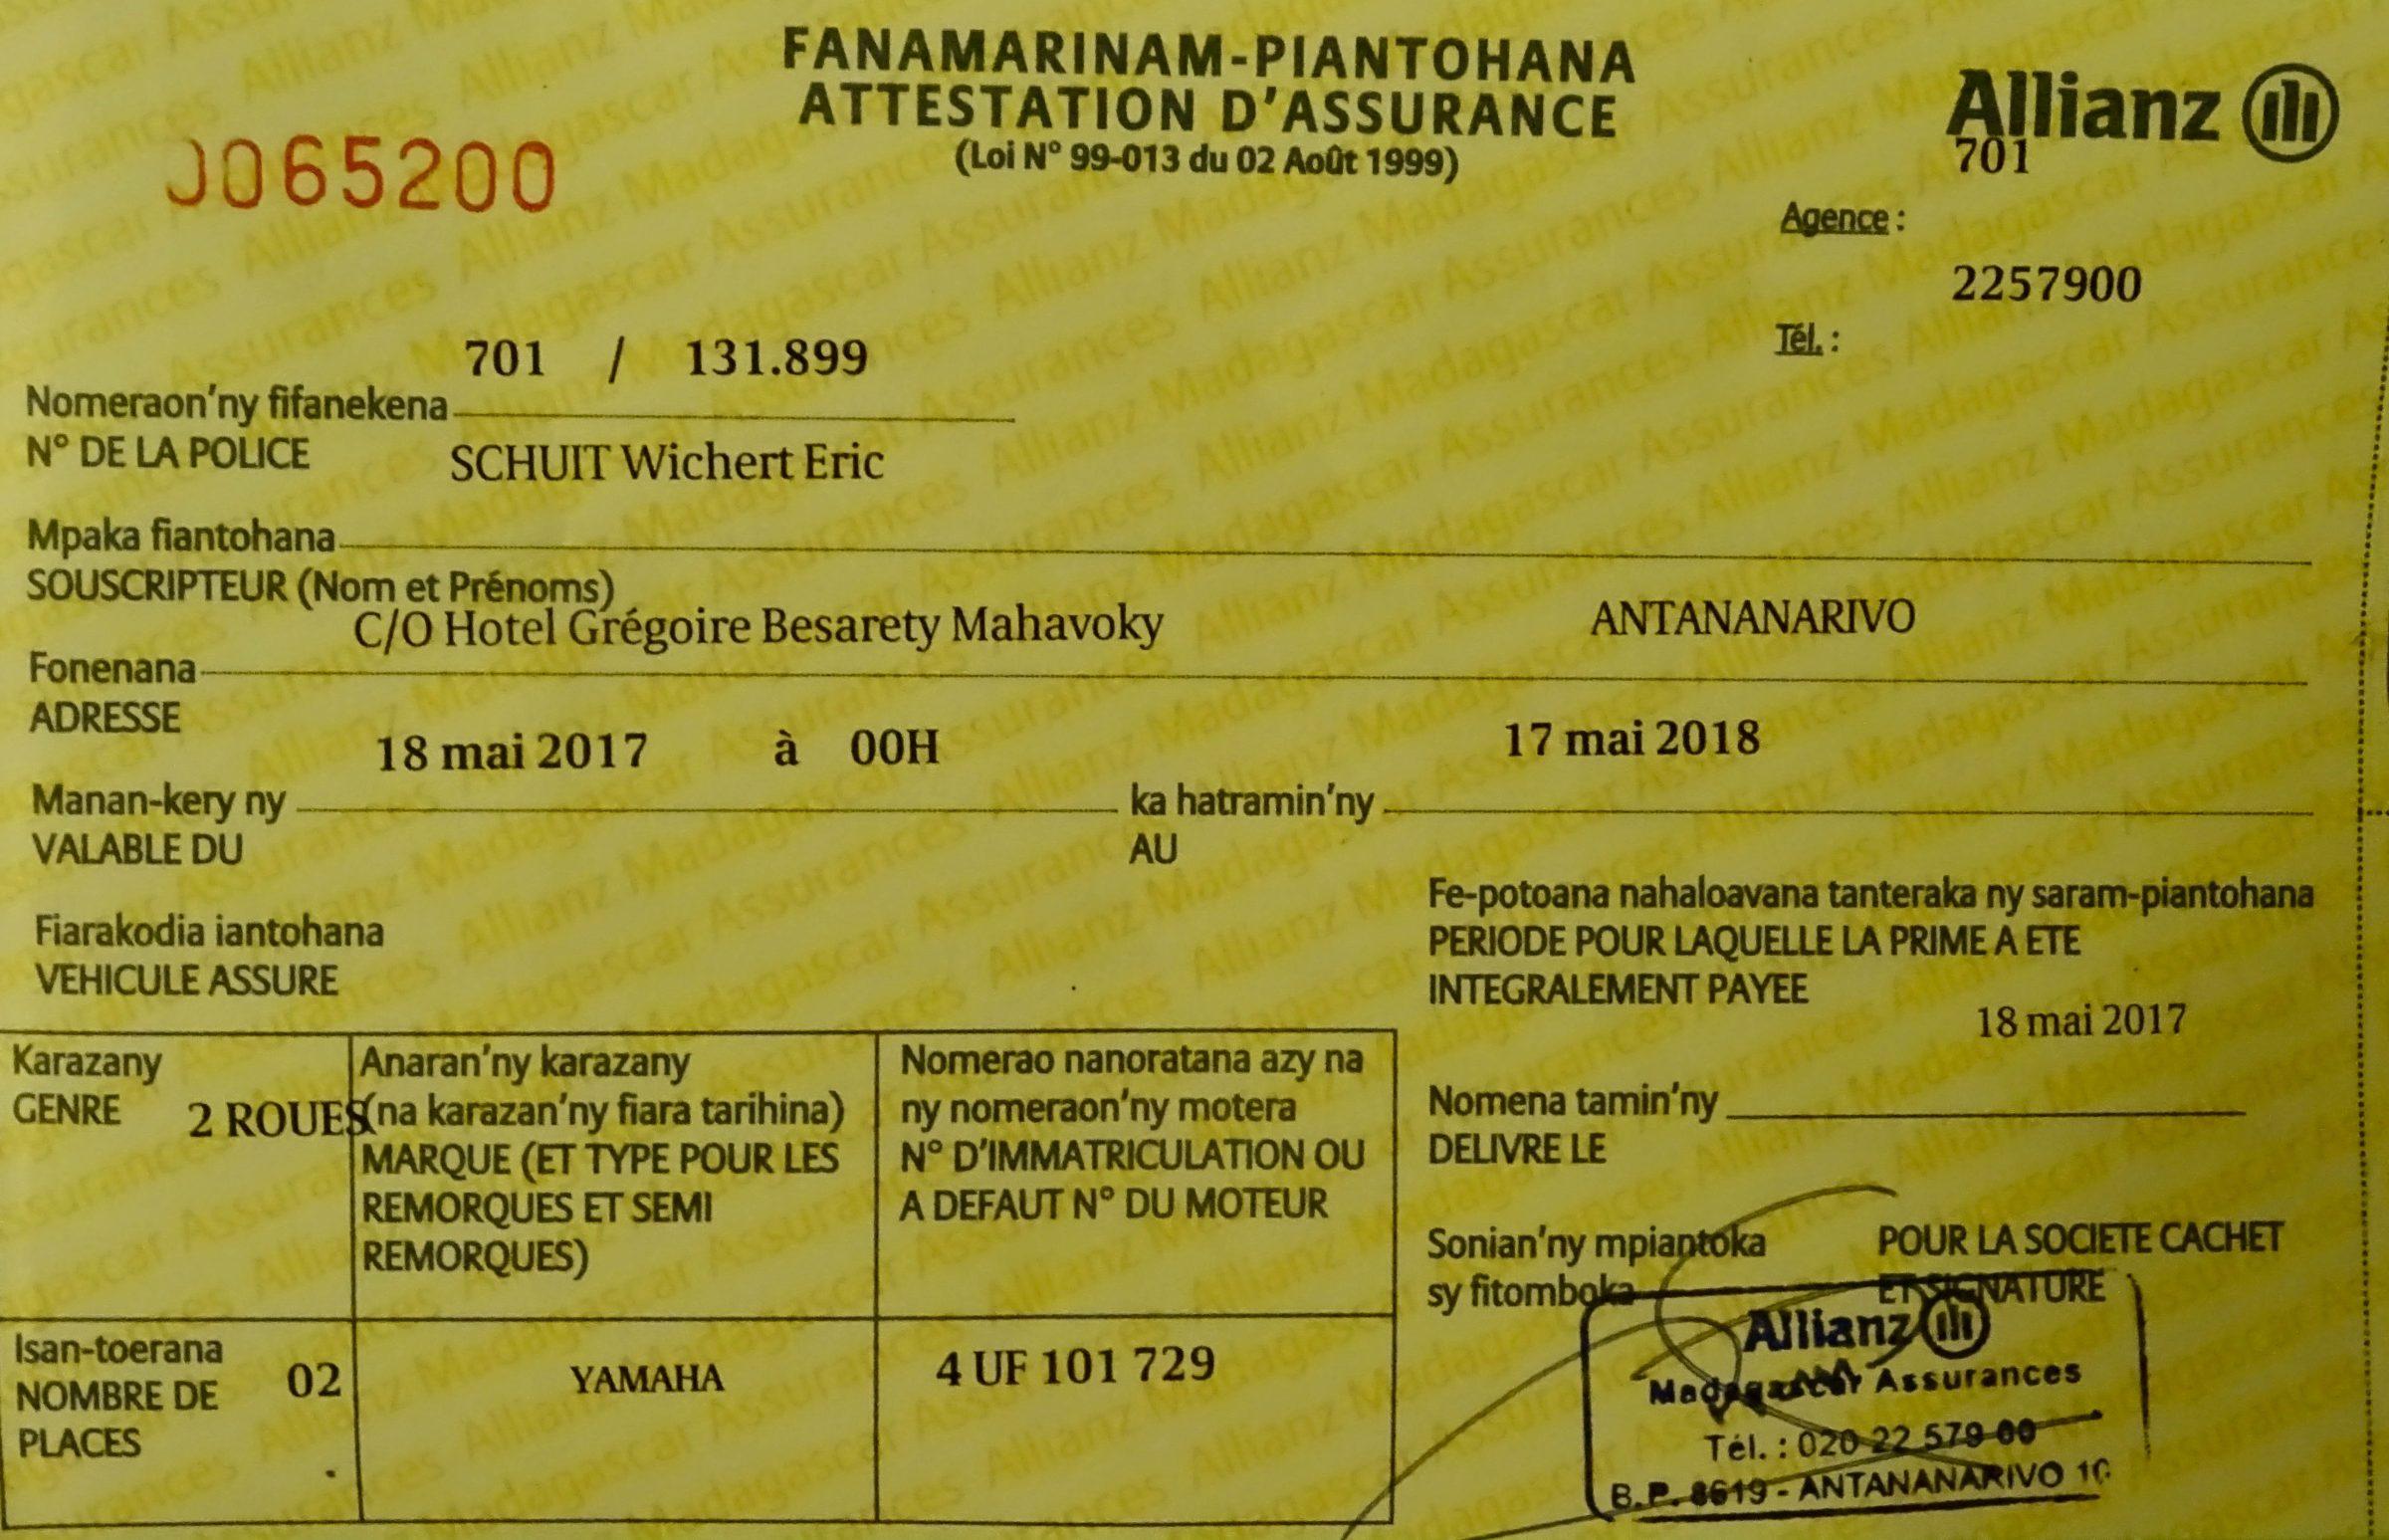 Aansprakelijkheidsverzekering voor de scooter van Allianz Madagaskar